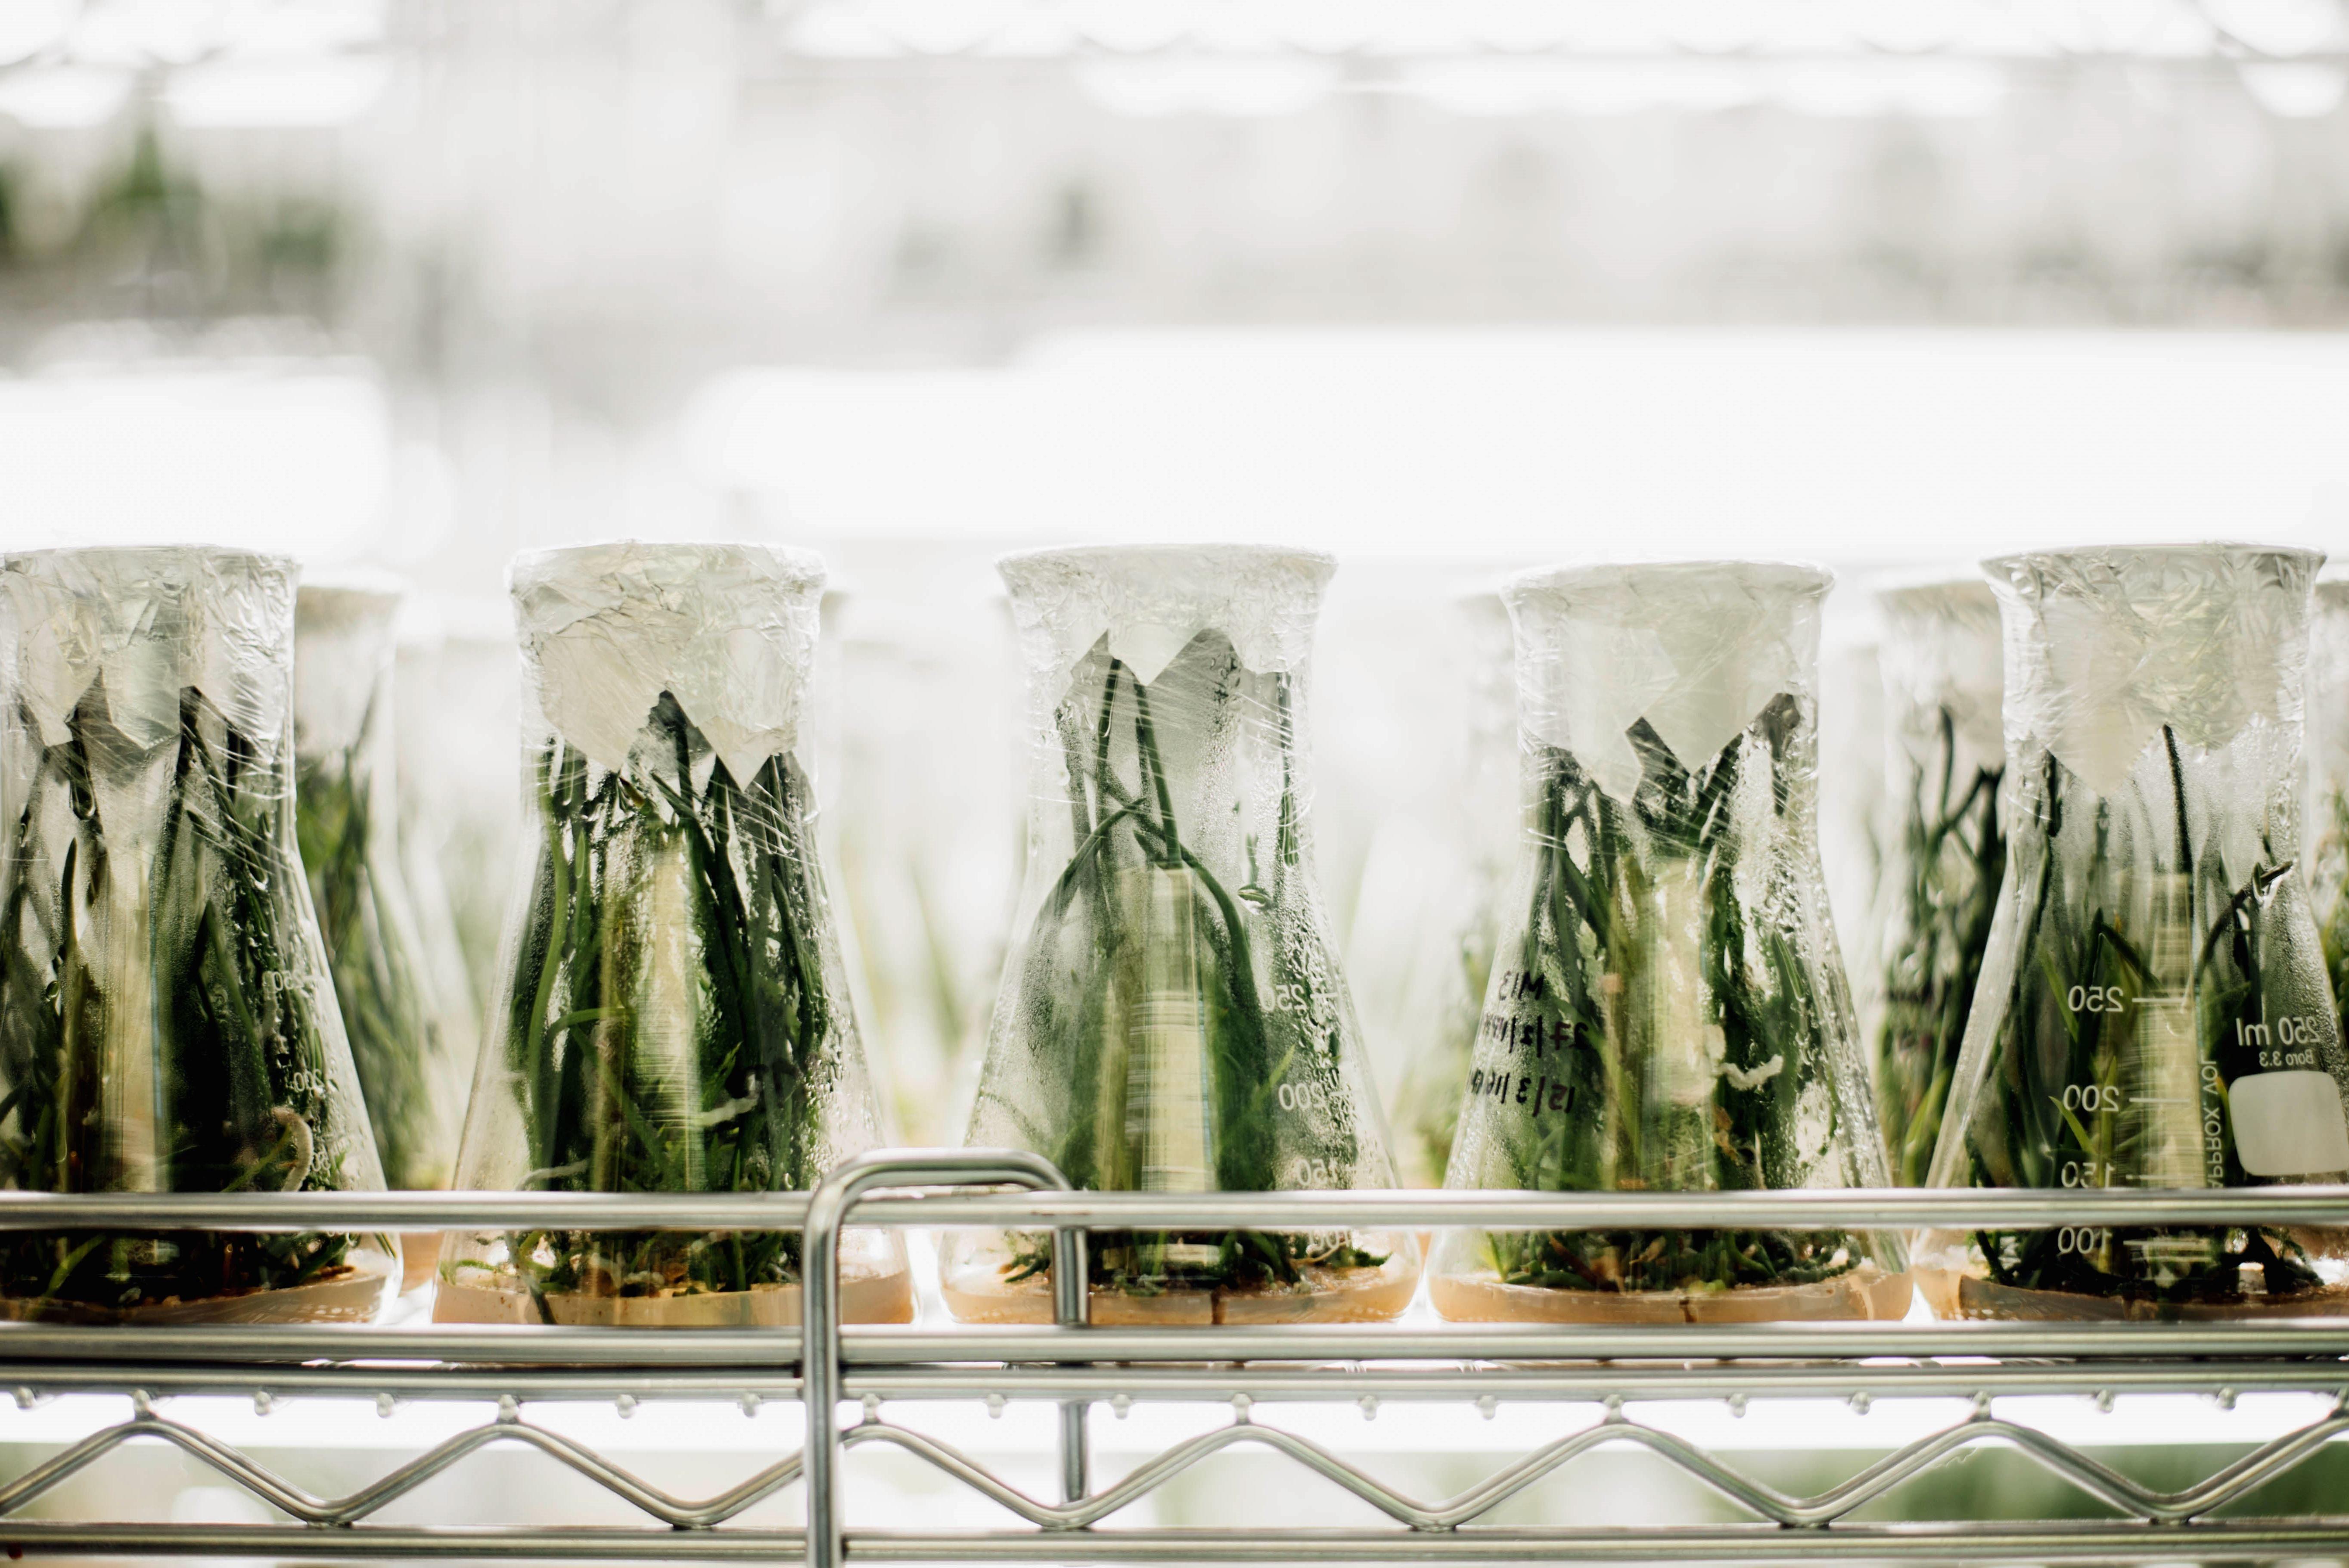 Besplatna slika laboratorij biologija biljno poljoprivrede